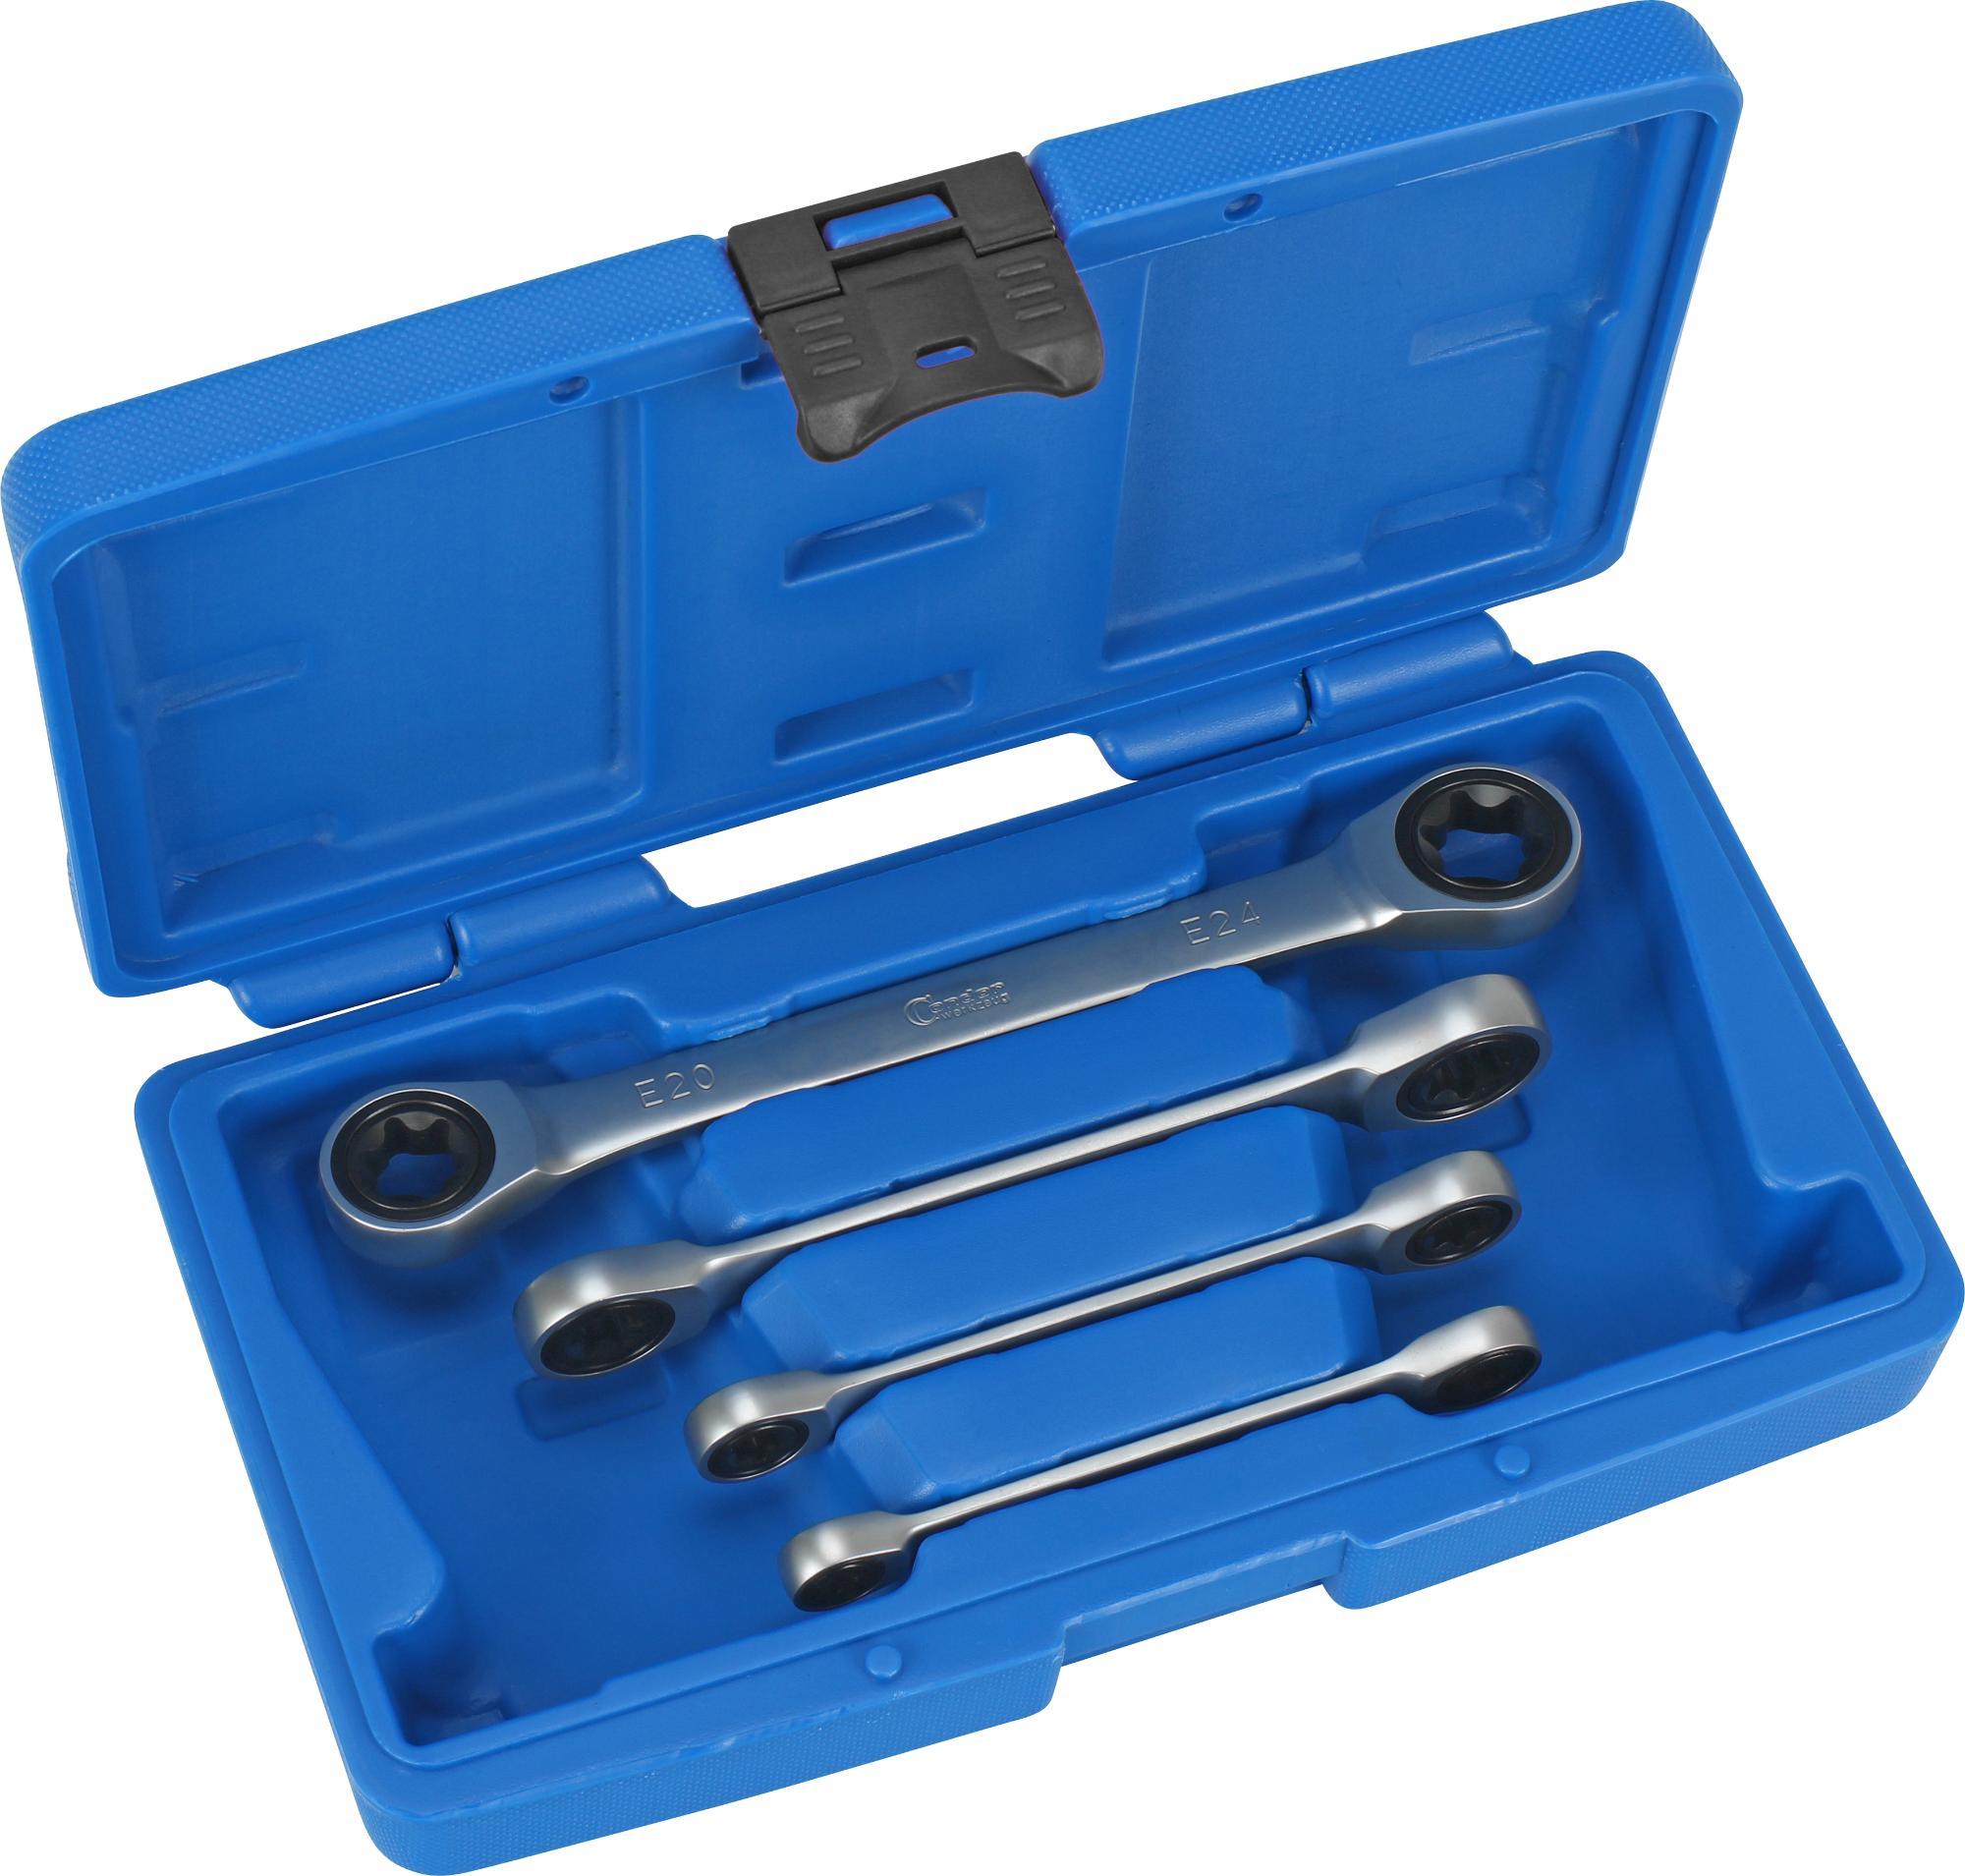 Račňové kľúče sada kľúčov očko-vidlica, 4-dielna., E-Profil E6-24